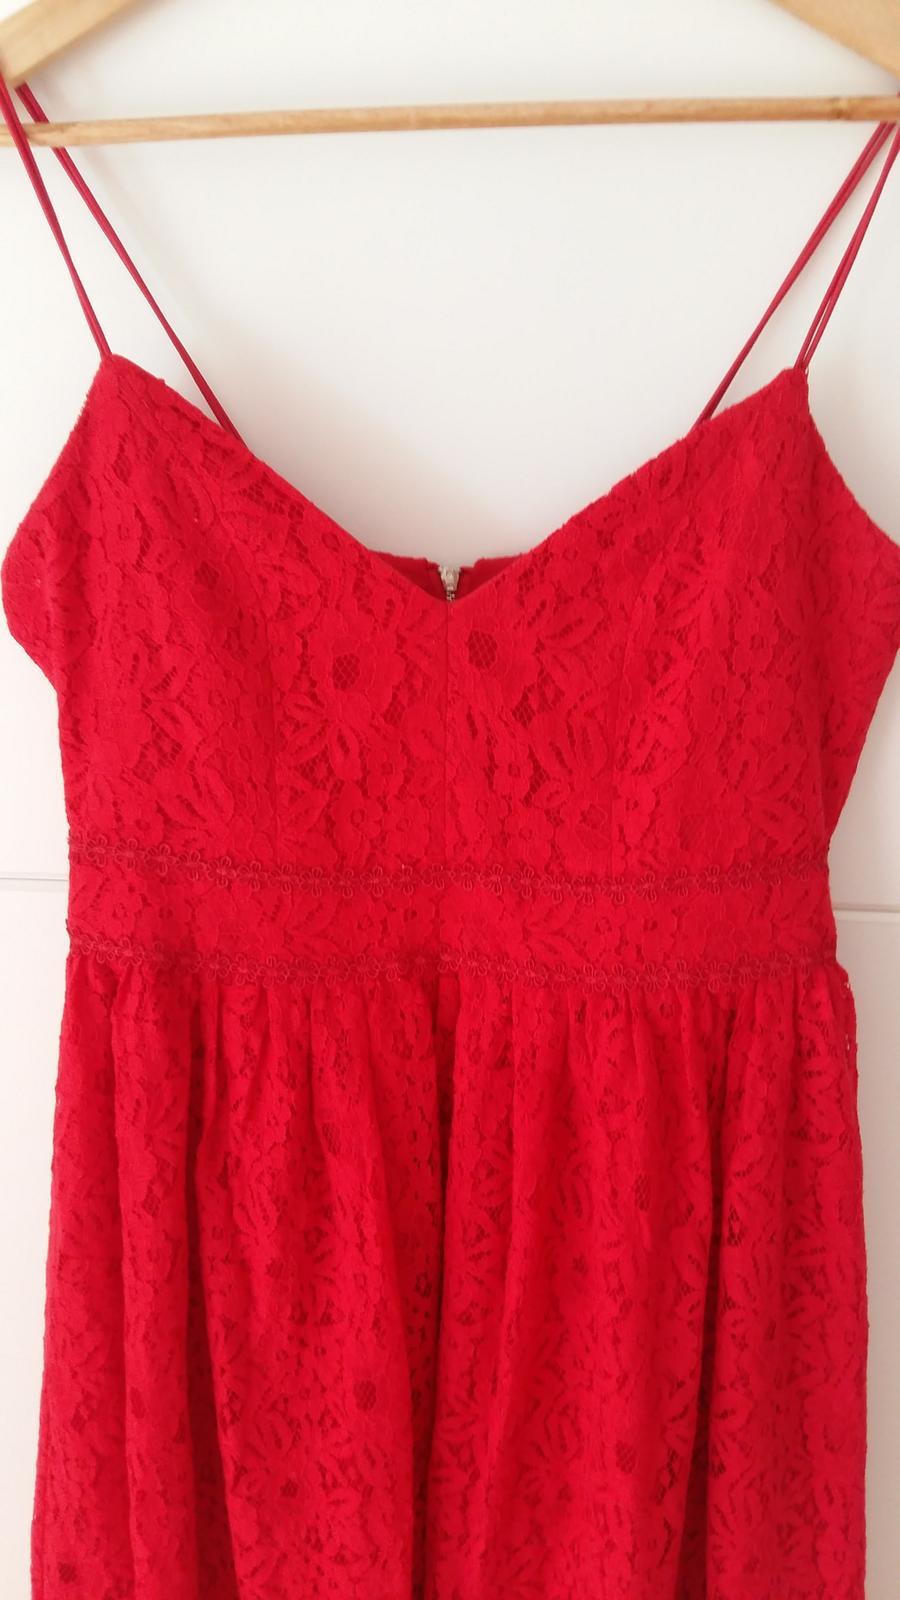 Červené čipkované šaty s výstrihom veľ. 42 - Obrázok č. 2